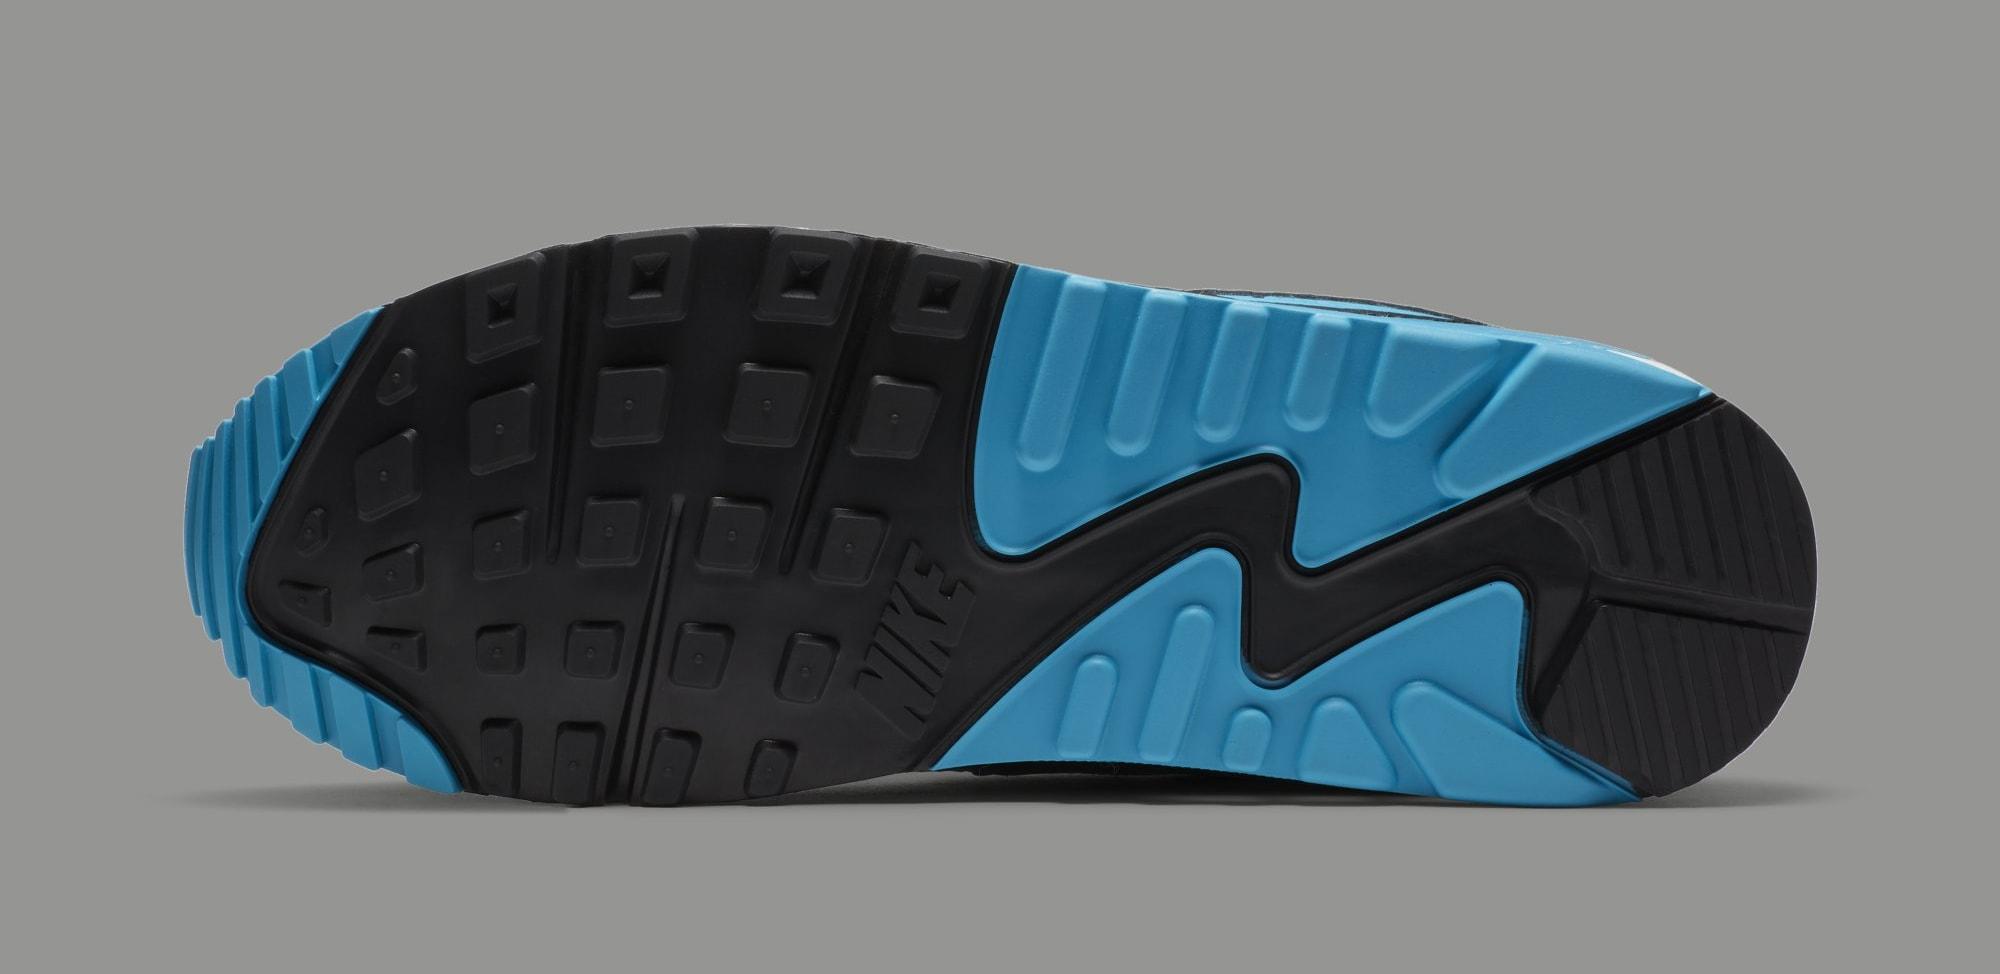 Nike Air Max 90 'Laser Blue' CJ6779-100 Outsole